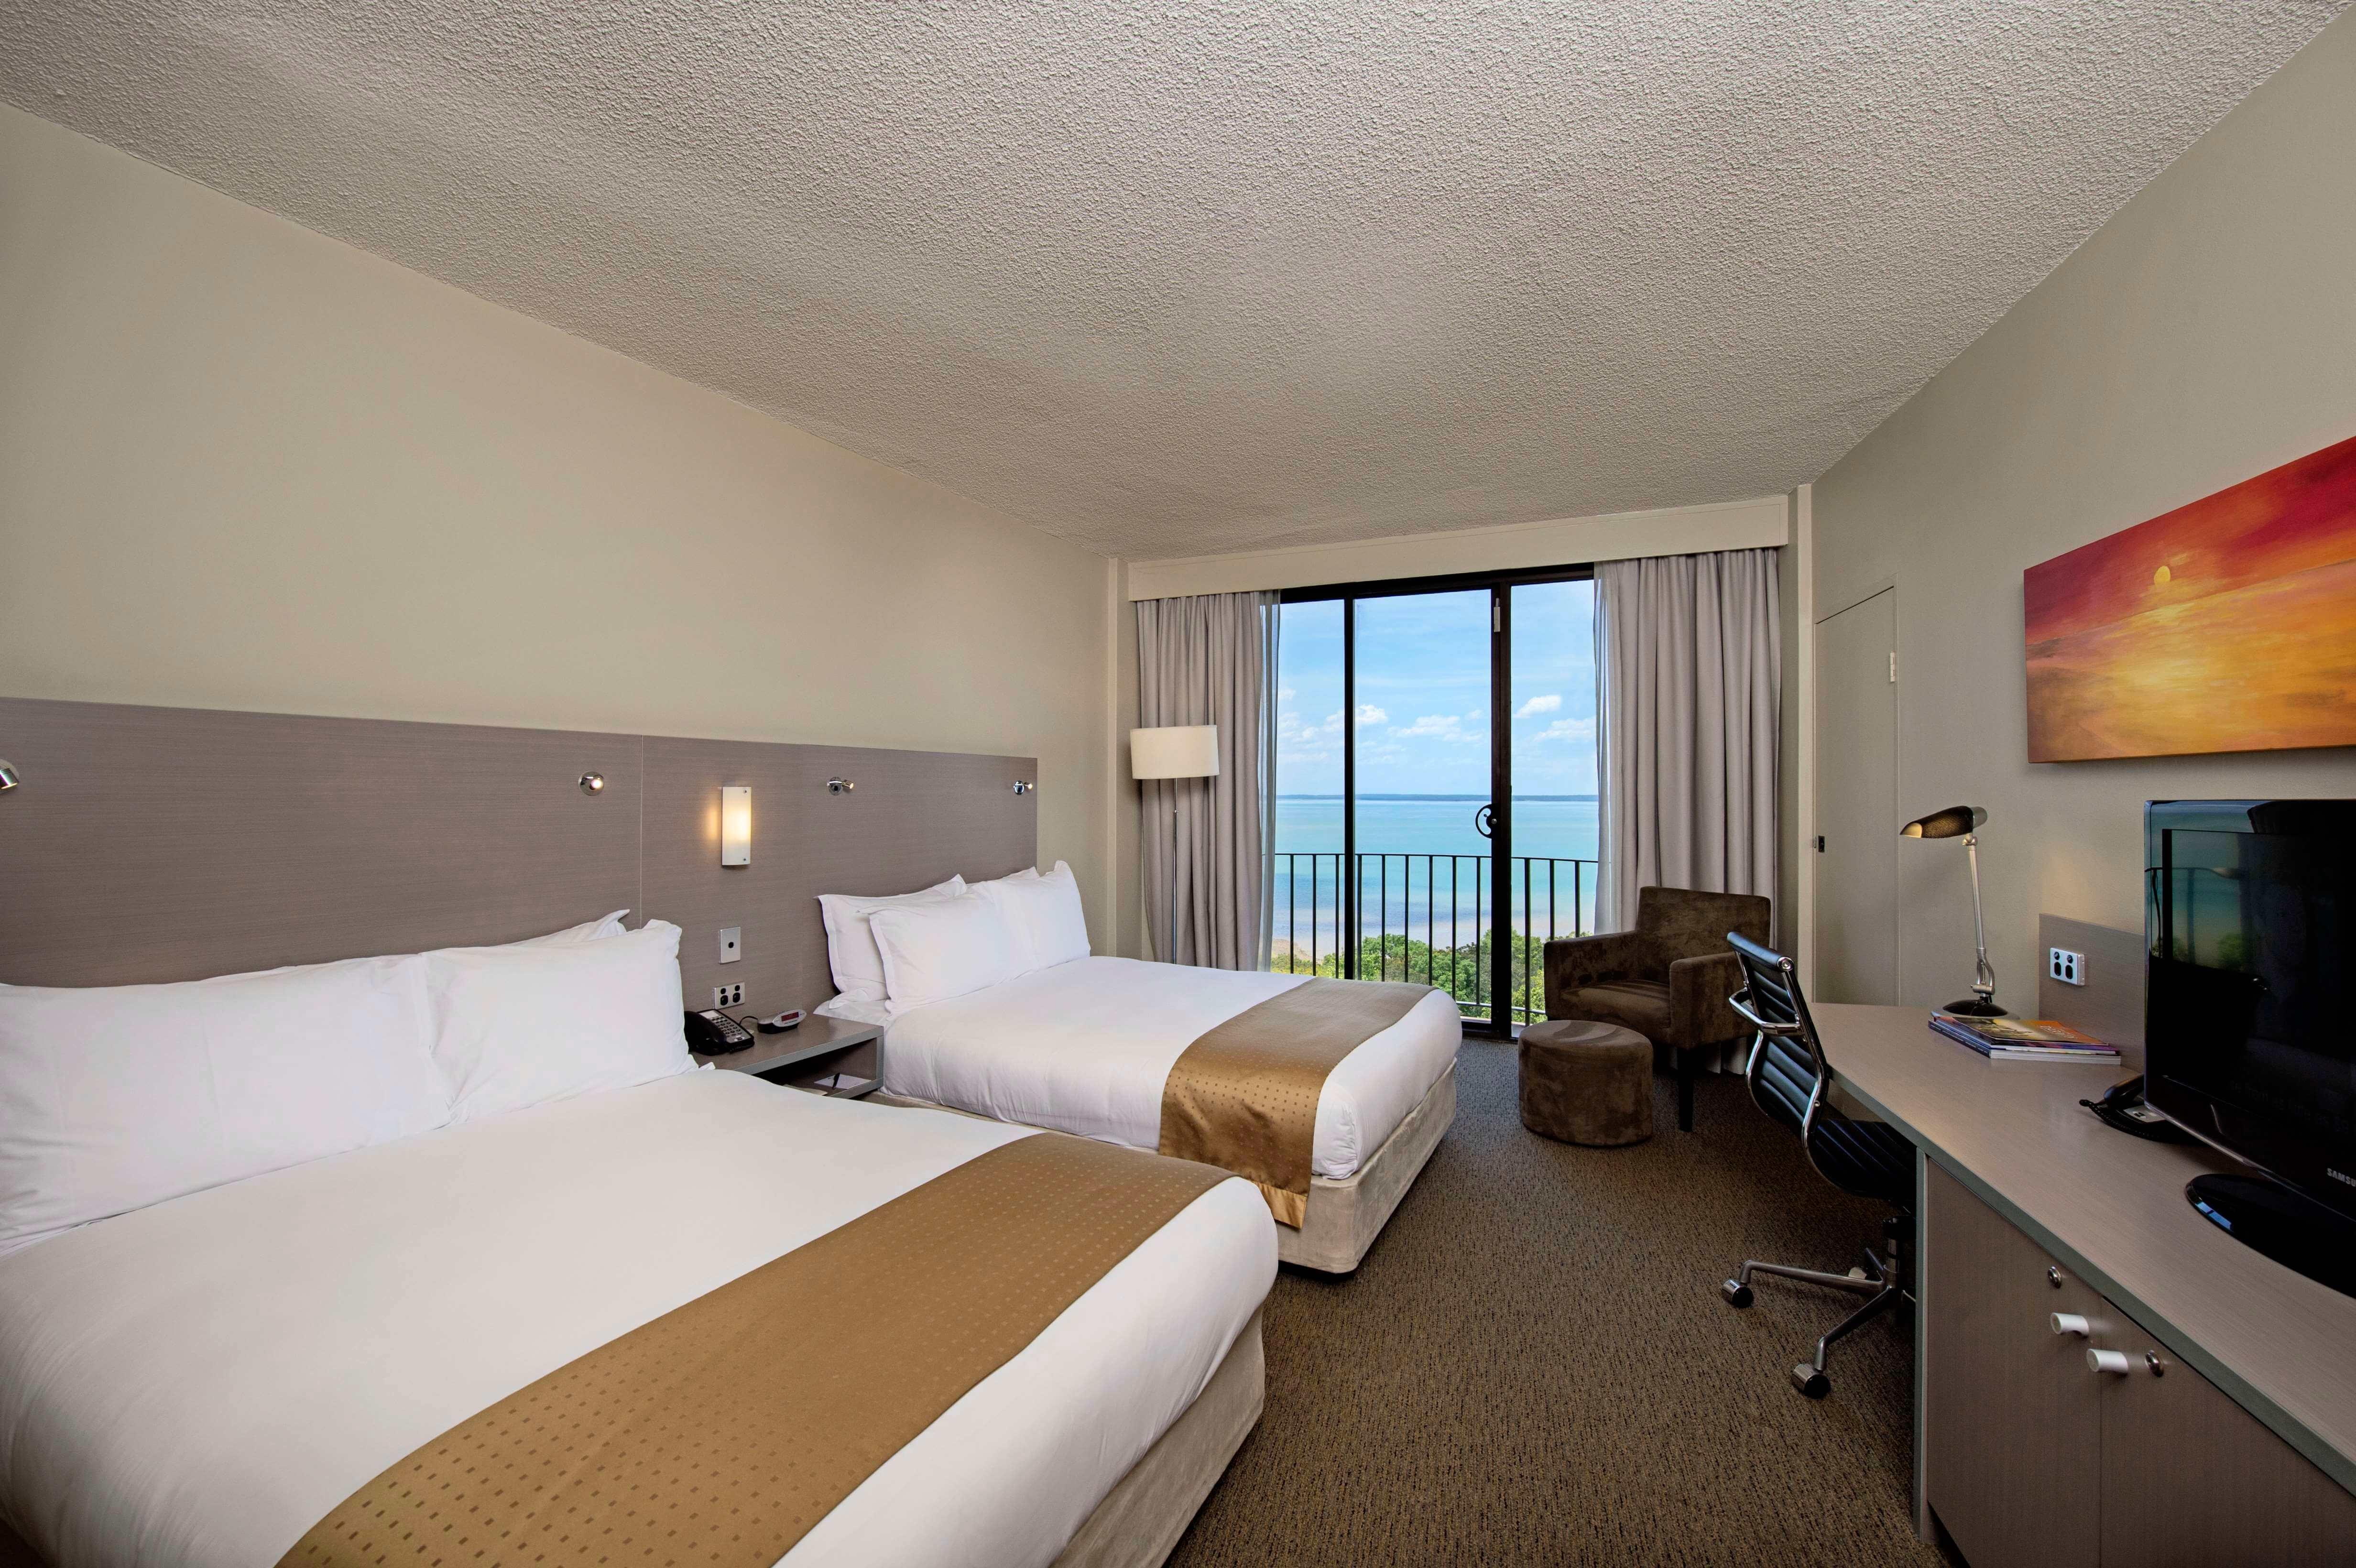 DoubleTree by Hilton Esplanade bedroom